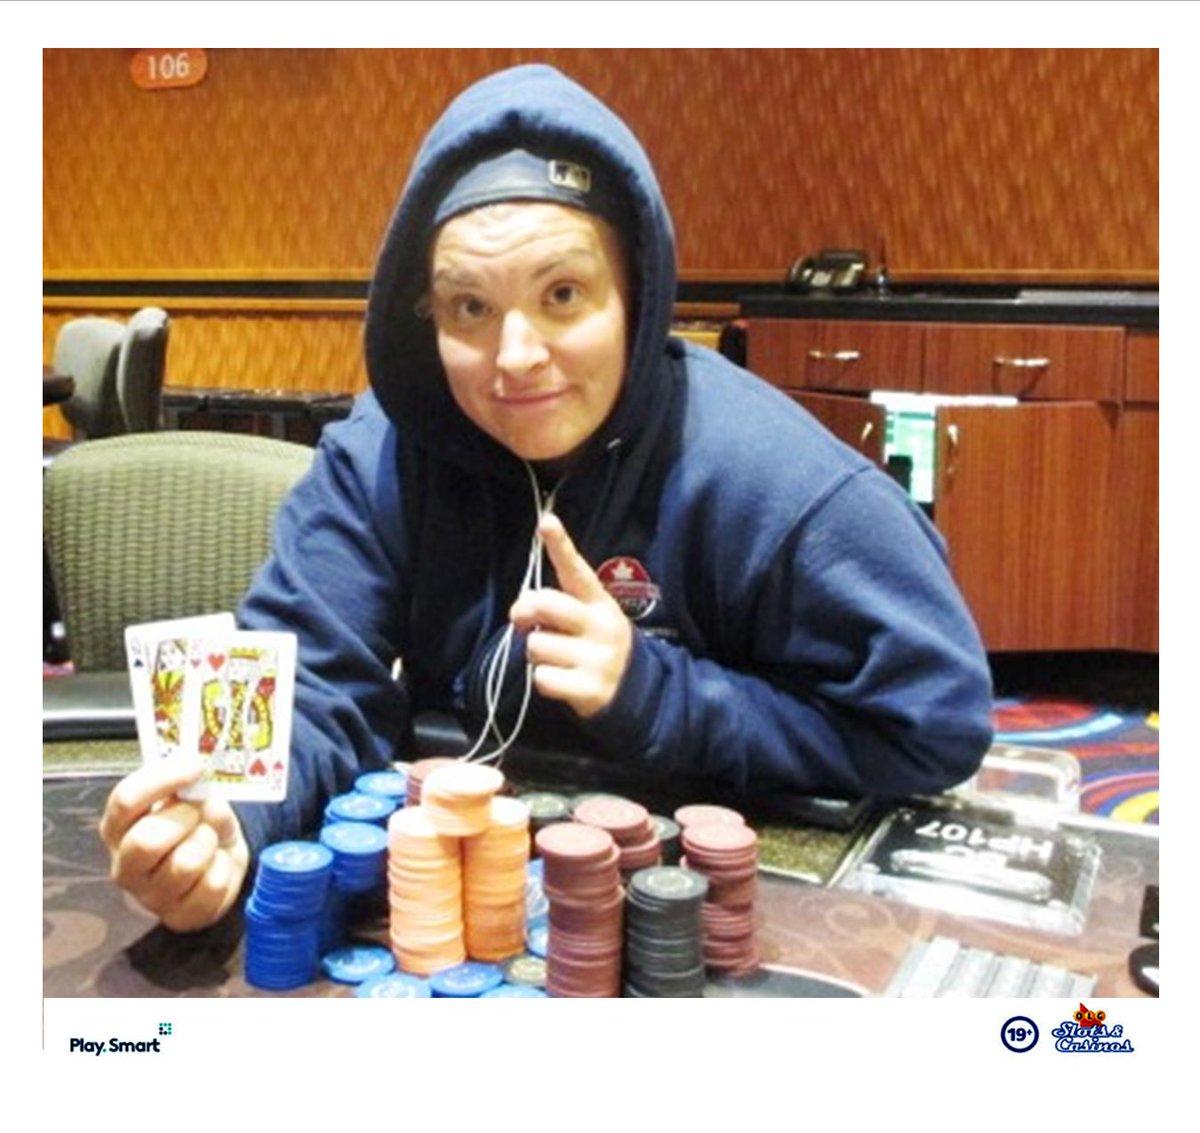 Casino brantford poker parfumerie galerie geant casino villefranche sur saone